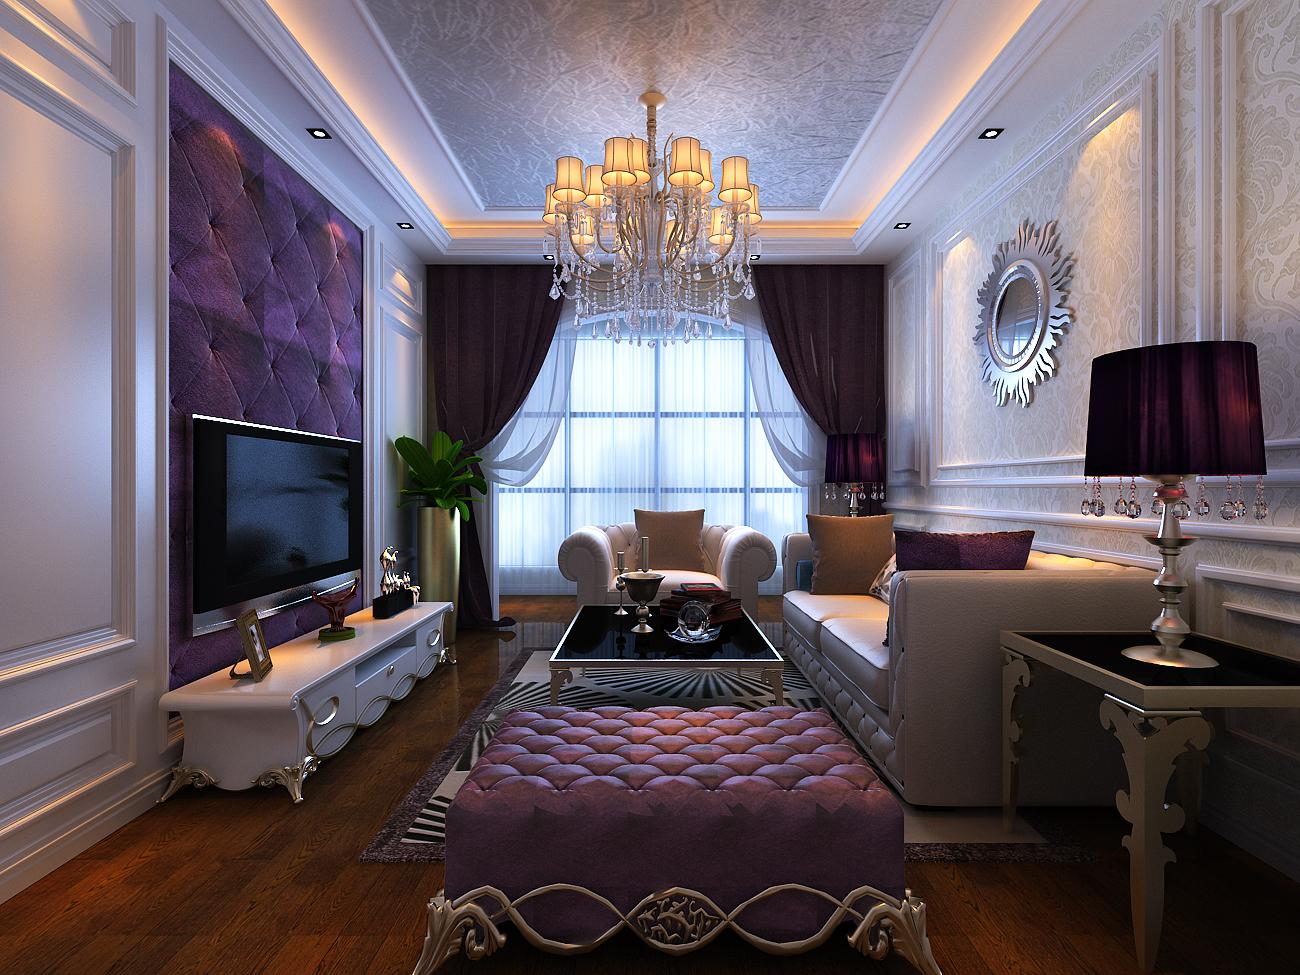 客厅图片来自郑州宏喆装饰在雅宝东方国际广场的分享